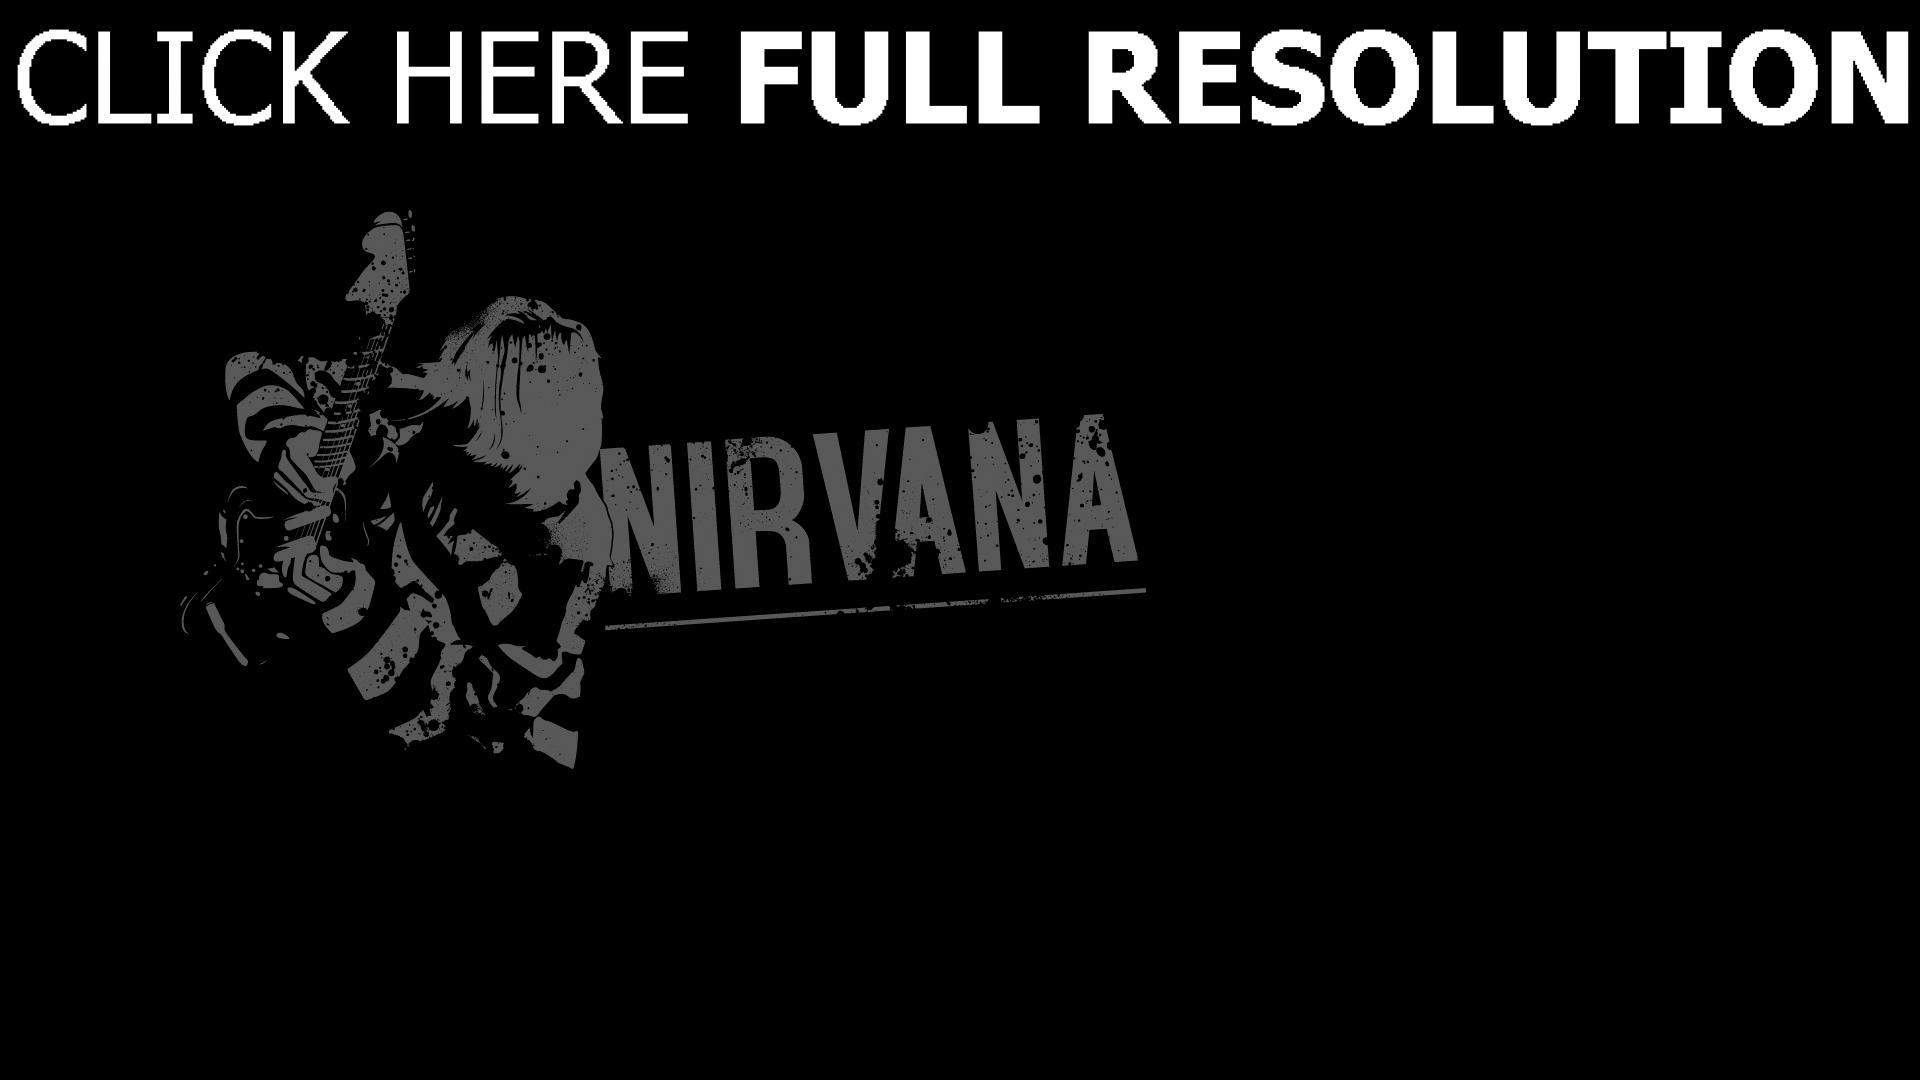 hd hintergrundbilder gitarrist nirvana hintergrund zeichen buchstaben 1920x1080